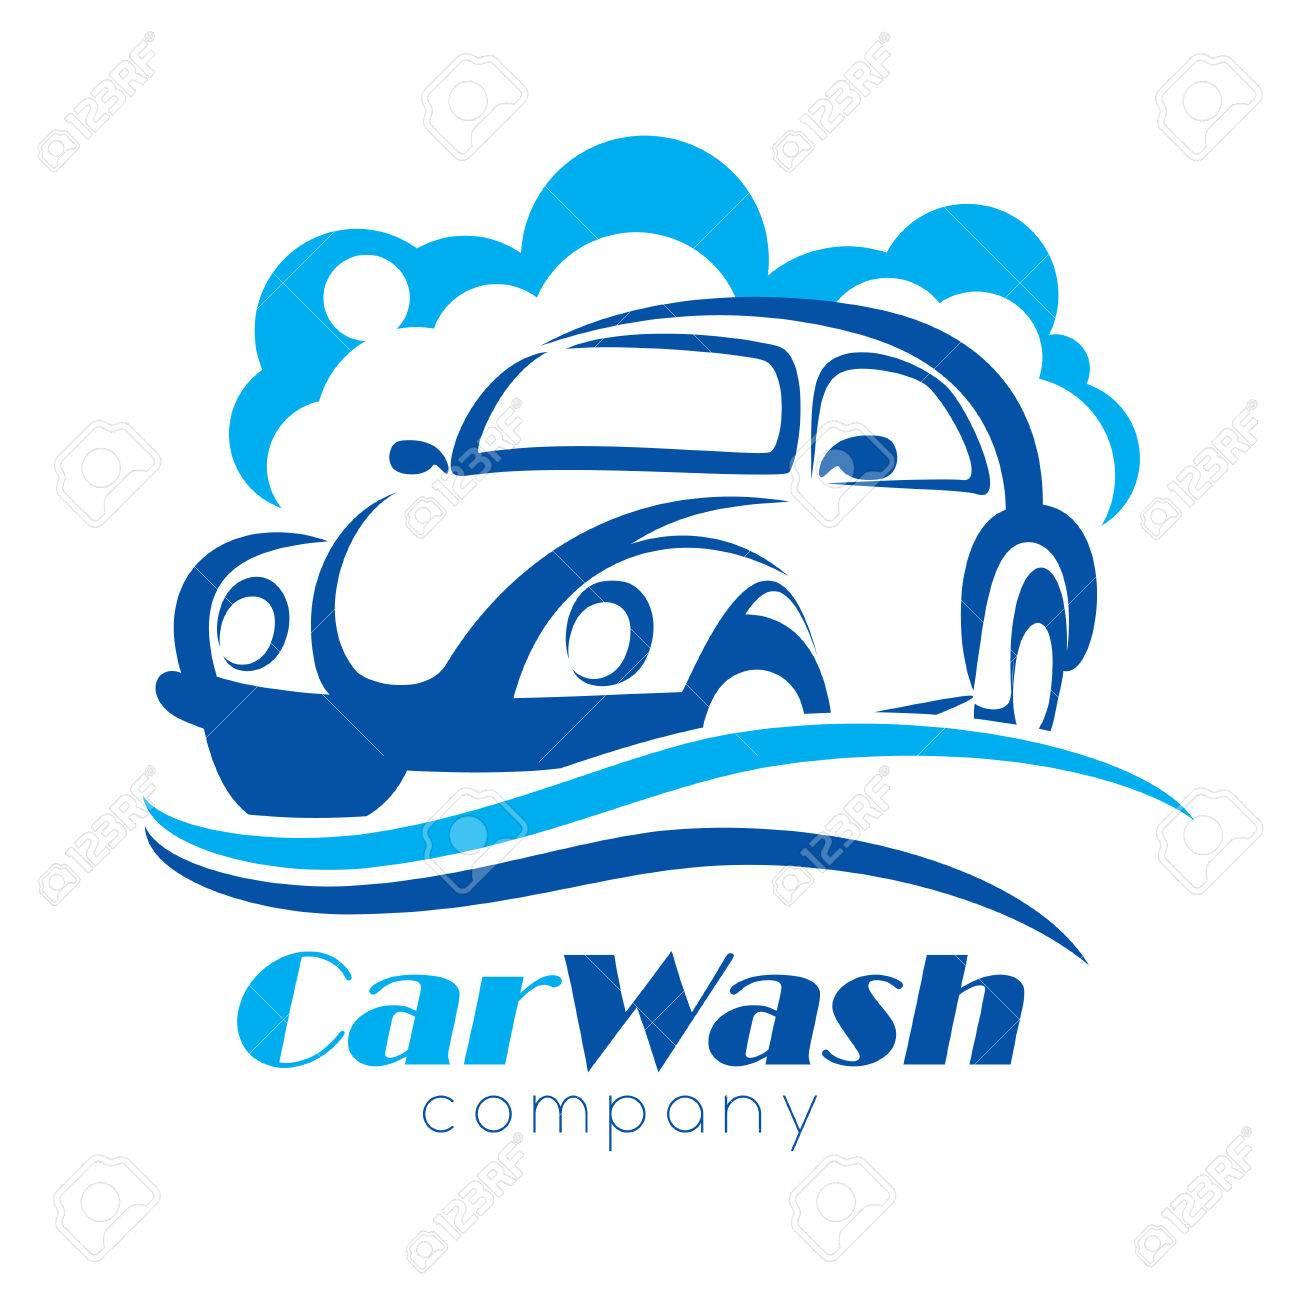 car wash stylized vector symbol design elements for logo template rh 123rf com car wash logo design template car wash logo design samples